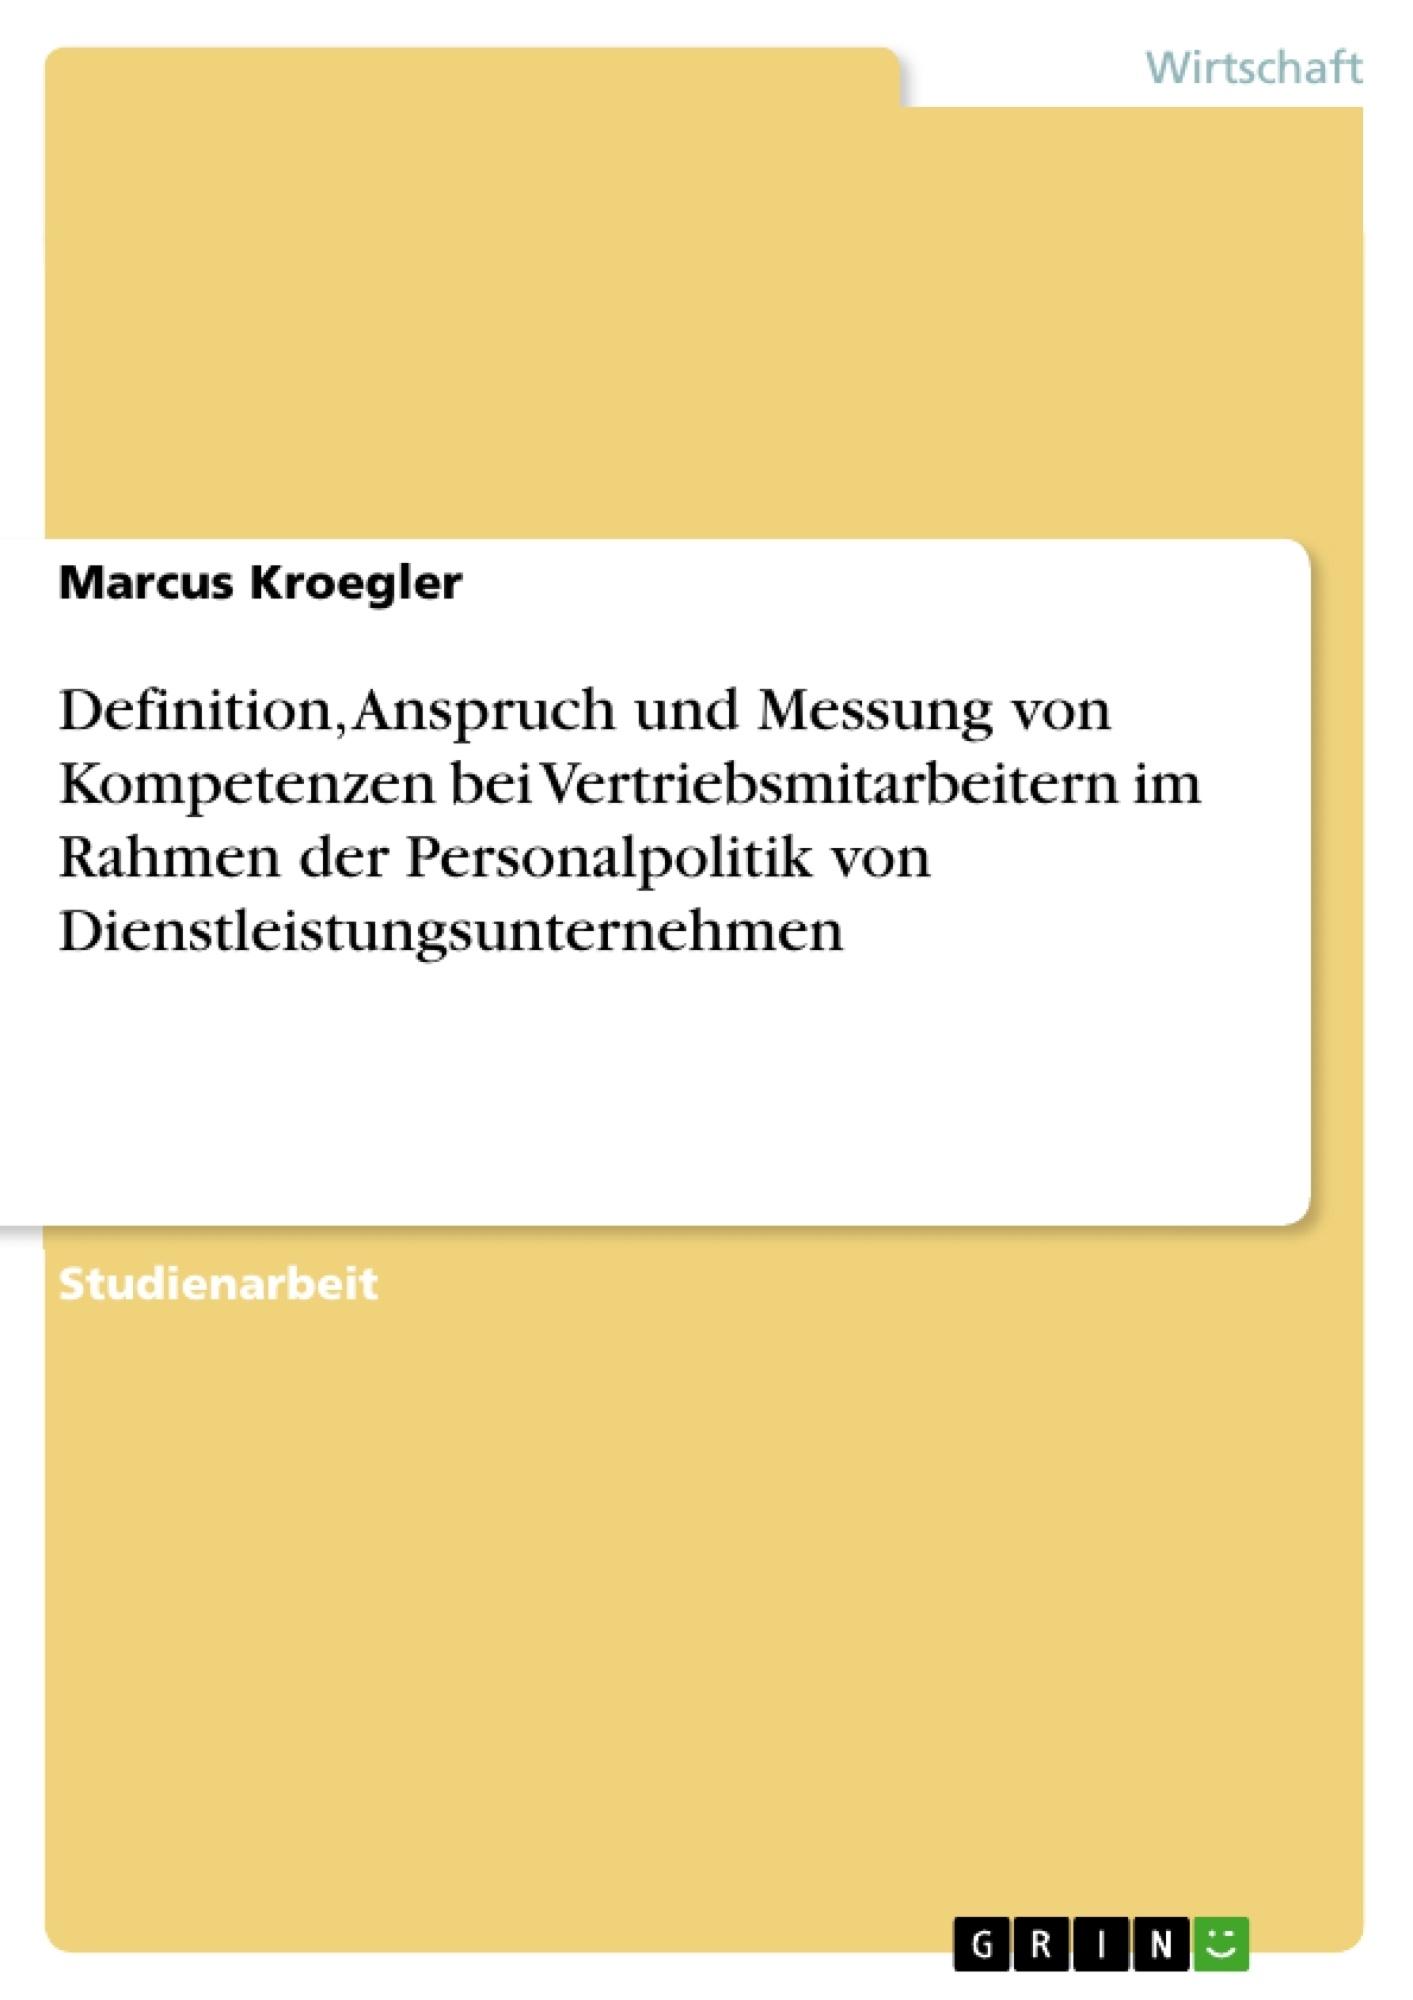 Titel: Definition, Anspruch und Messung von Kompetenzen bei Vertriebsmitarbeitern im Rahmen der Personalpolitik von Dienstleistungsunternehmen